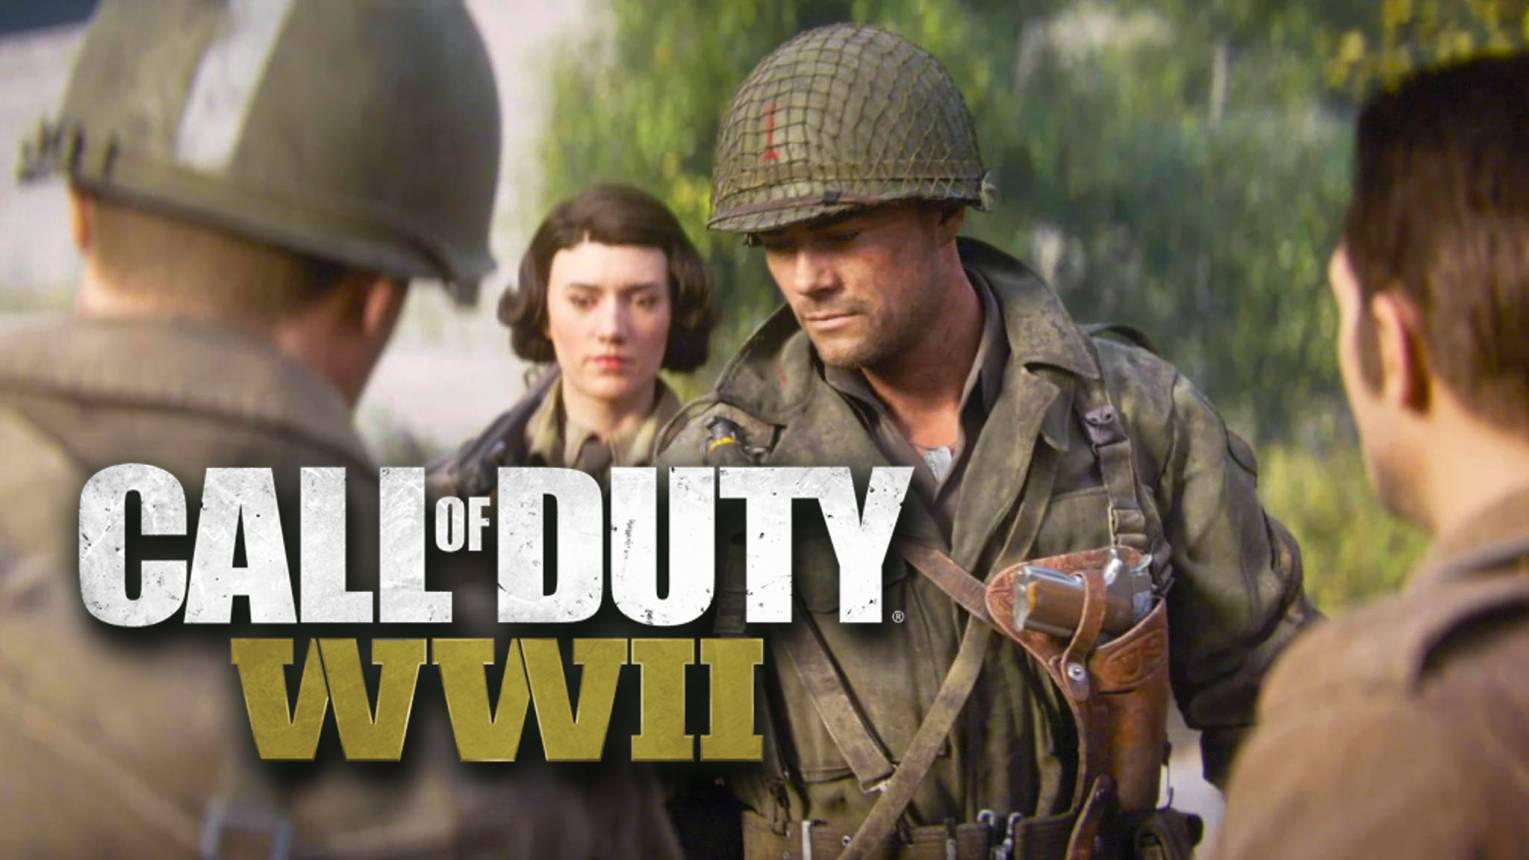 Call of Duty WWII lövészeti csomag 2 fő részére Budakeszin